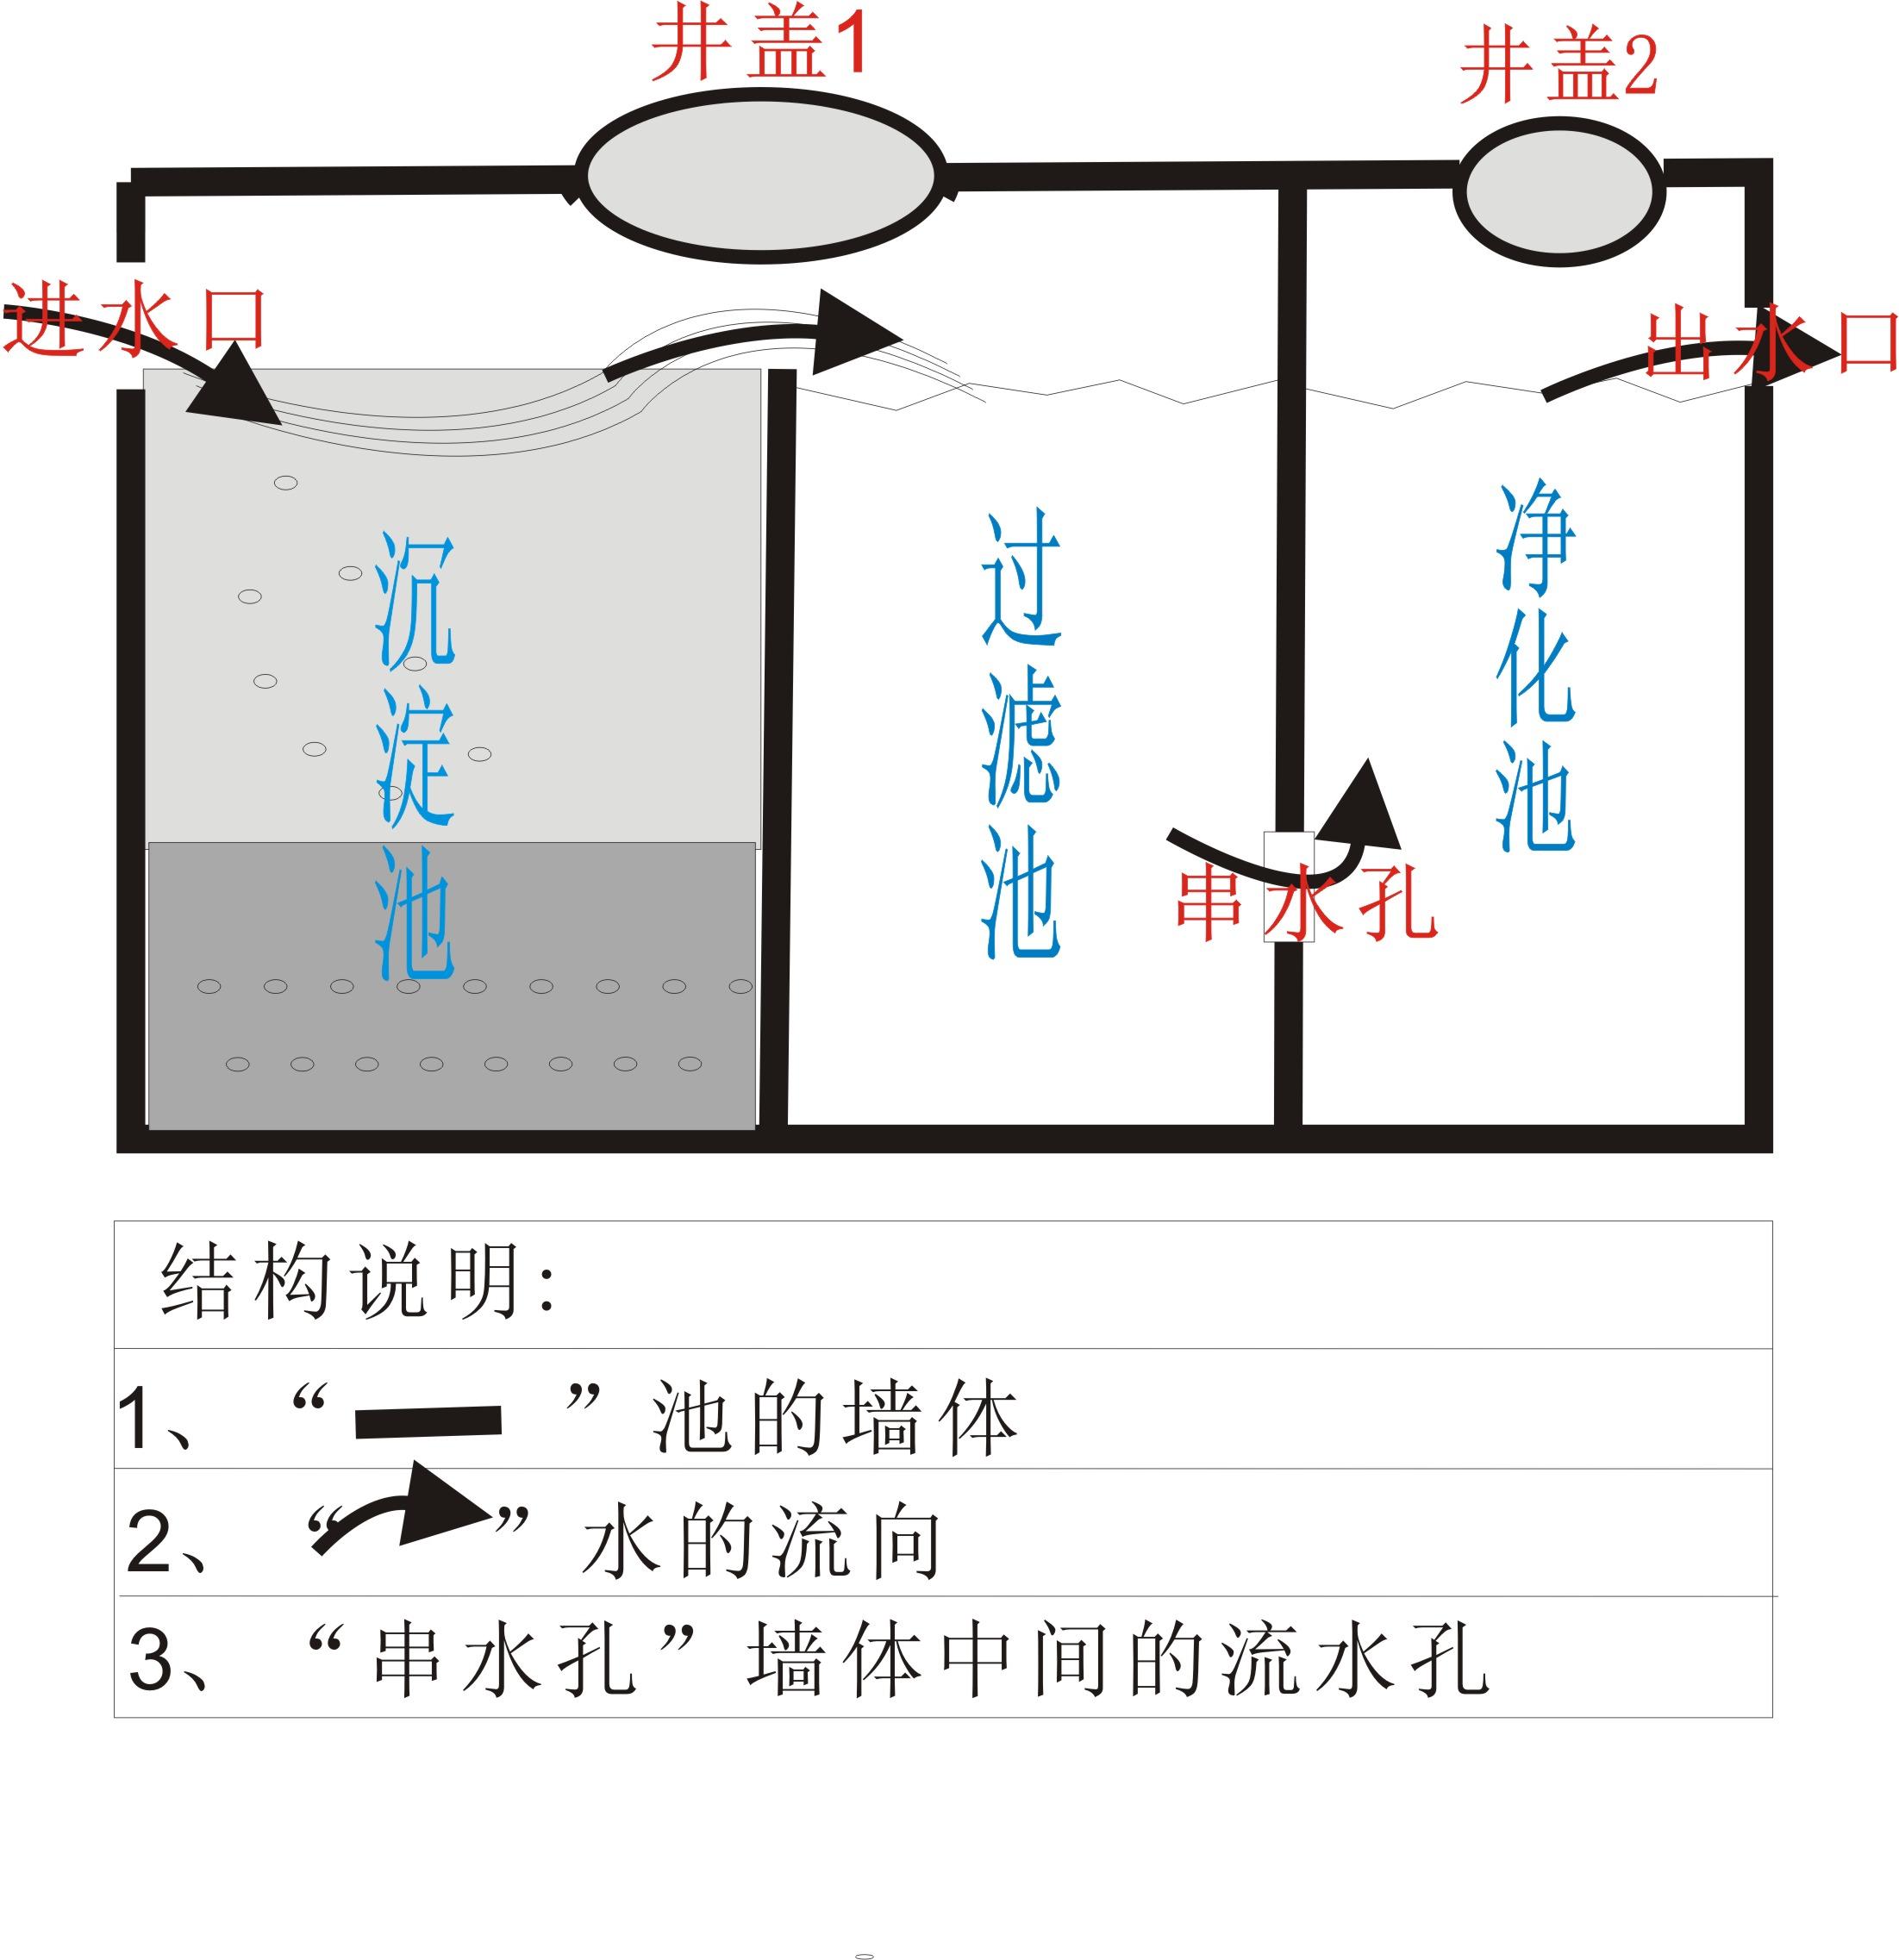 化粪池结构图-三格式化粪池接管子图,农村家用化粪池设计图,农村三格式化粪池图片,化粪池标准图集